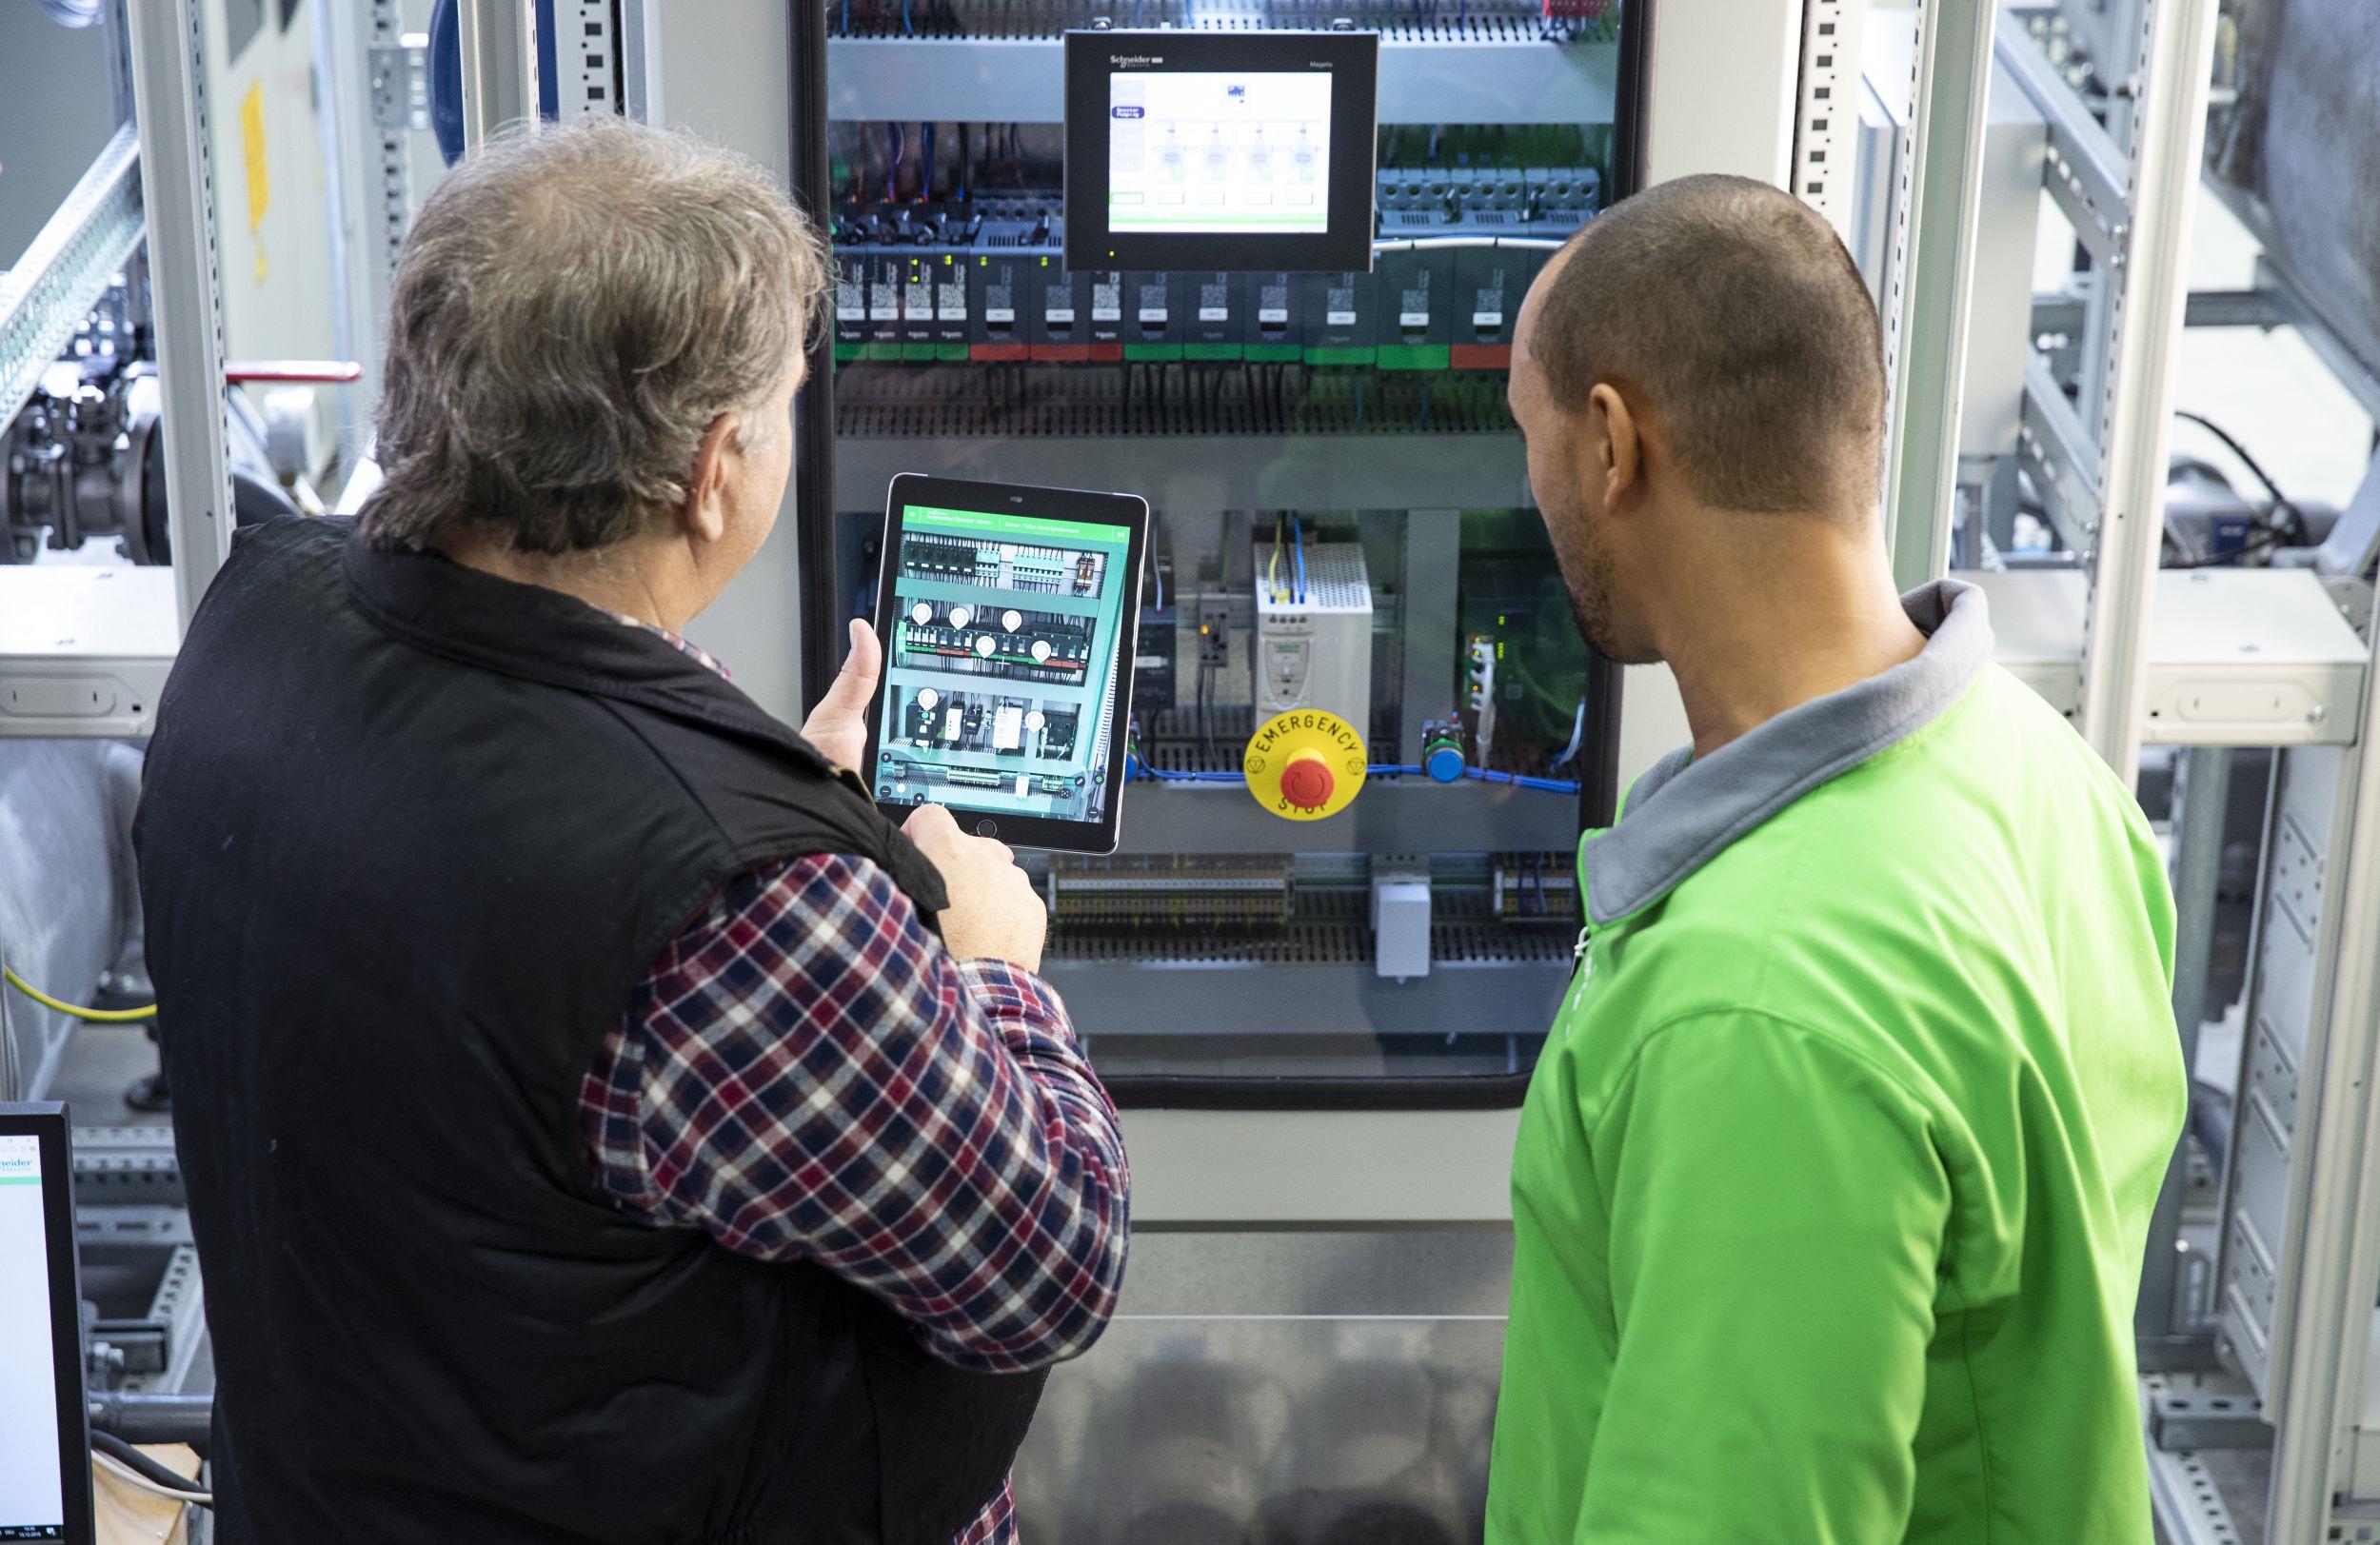 In modernen Schaltschränken, wie den Smart Panels von Schneider Electric, arbeiten Mess-, Steuerungs- und Softwarekomponenten intelligent zusammen. (Bild: Schneider Electric GmbH)